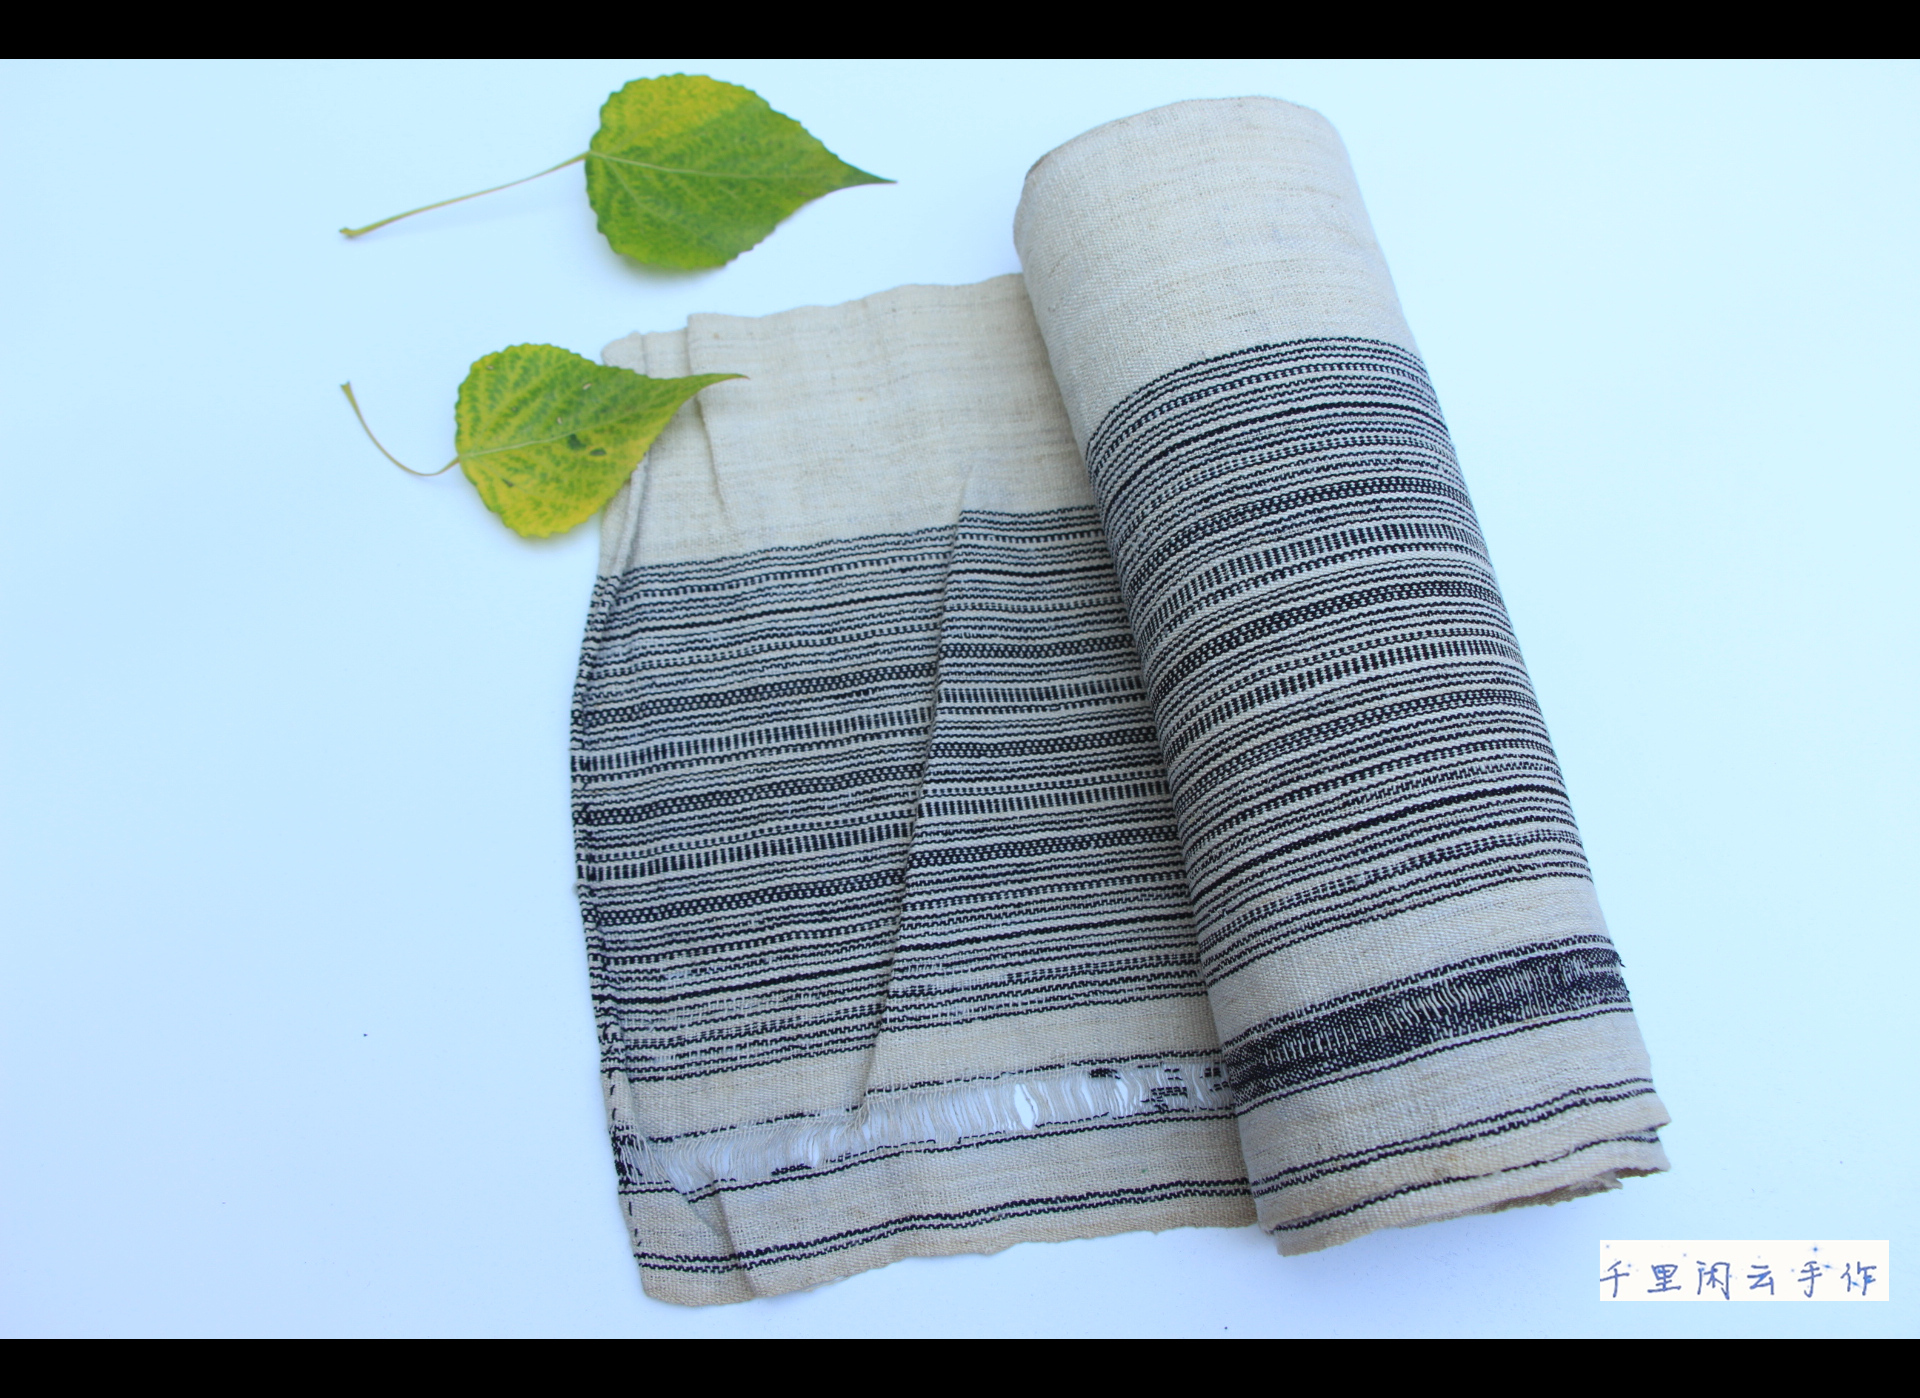 Меньше количество народ ремесла руки ремесла мешковина спин ткачество ручной работы земля ткань старый ткань объем микшировать спин полоса мешковина C25